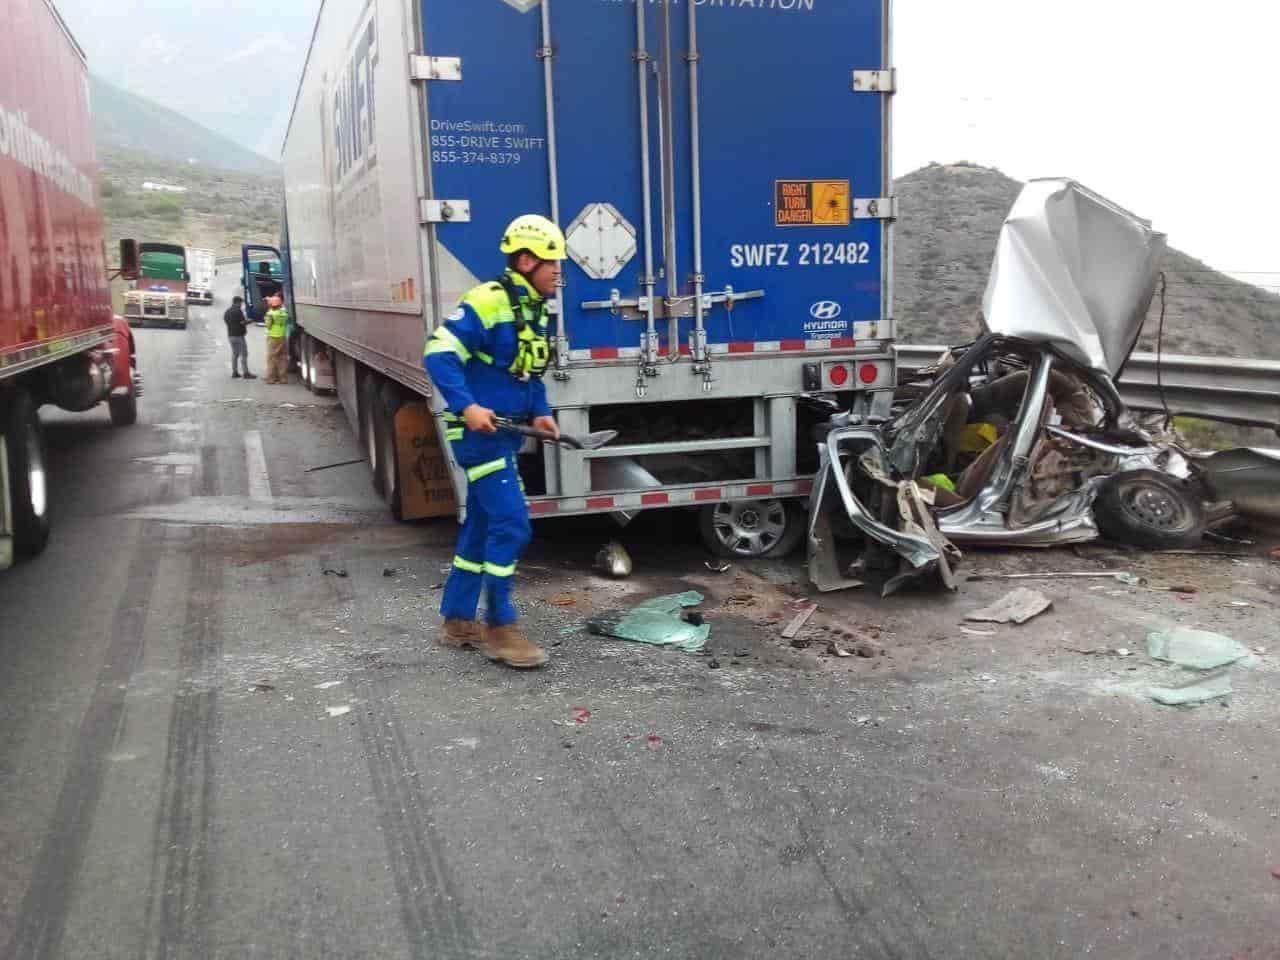 Con diversas lesiones y dentro de su vehículo destrozado, quedó un conductor del auto